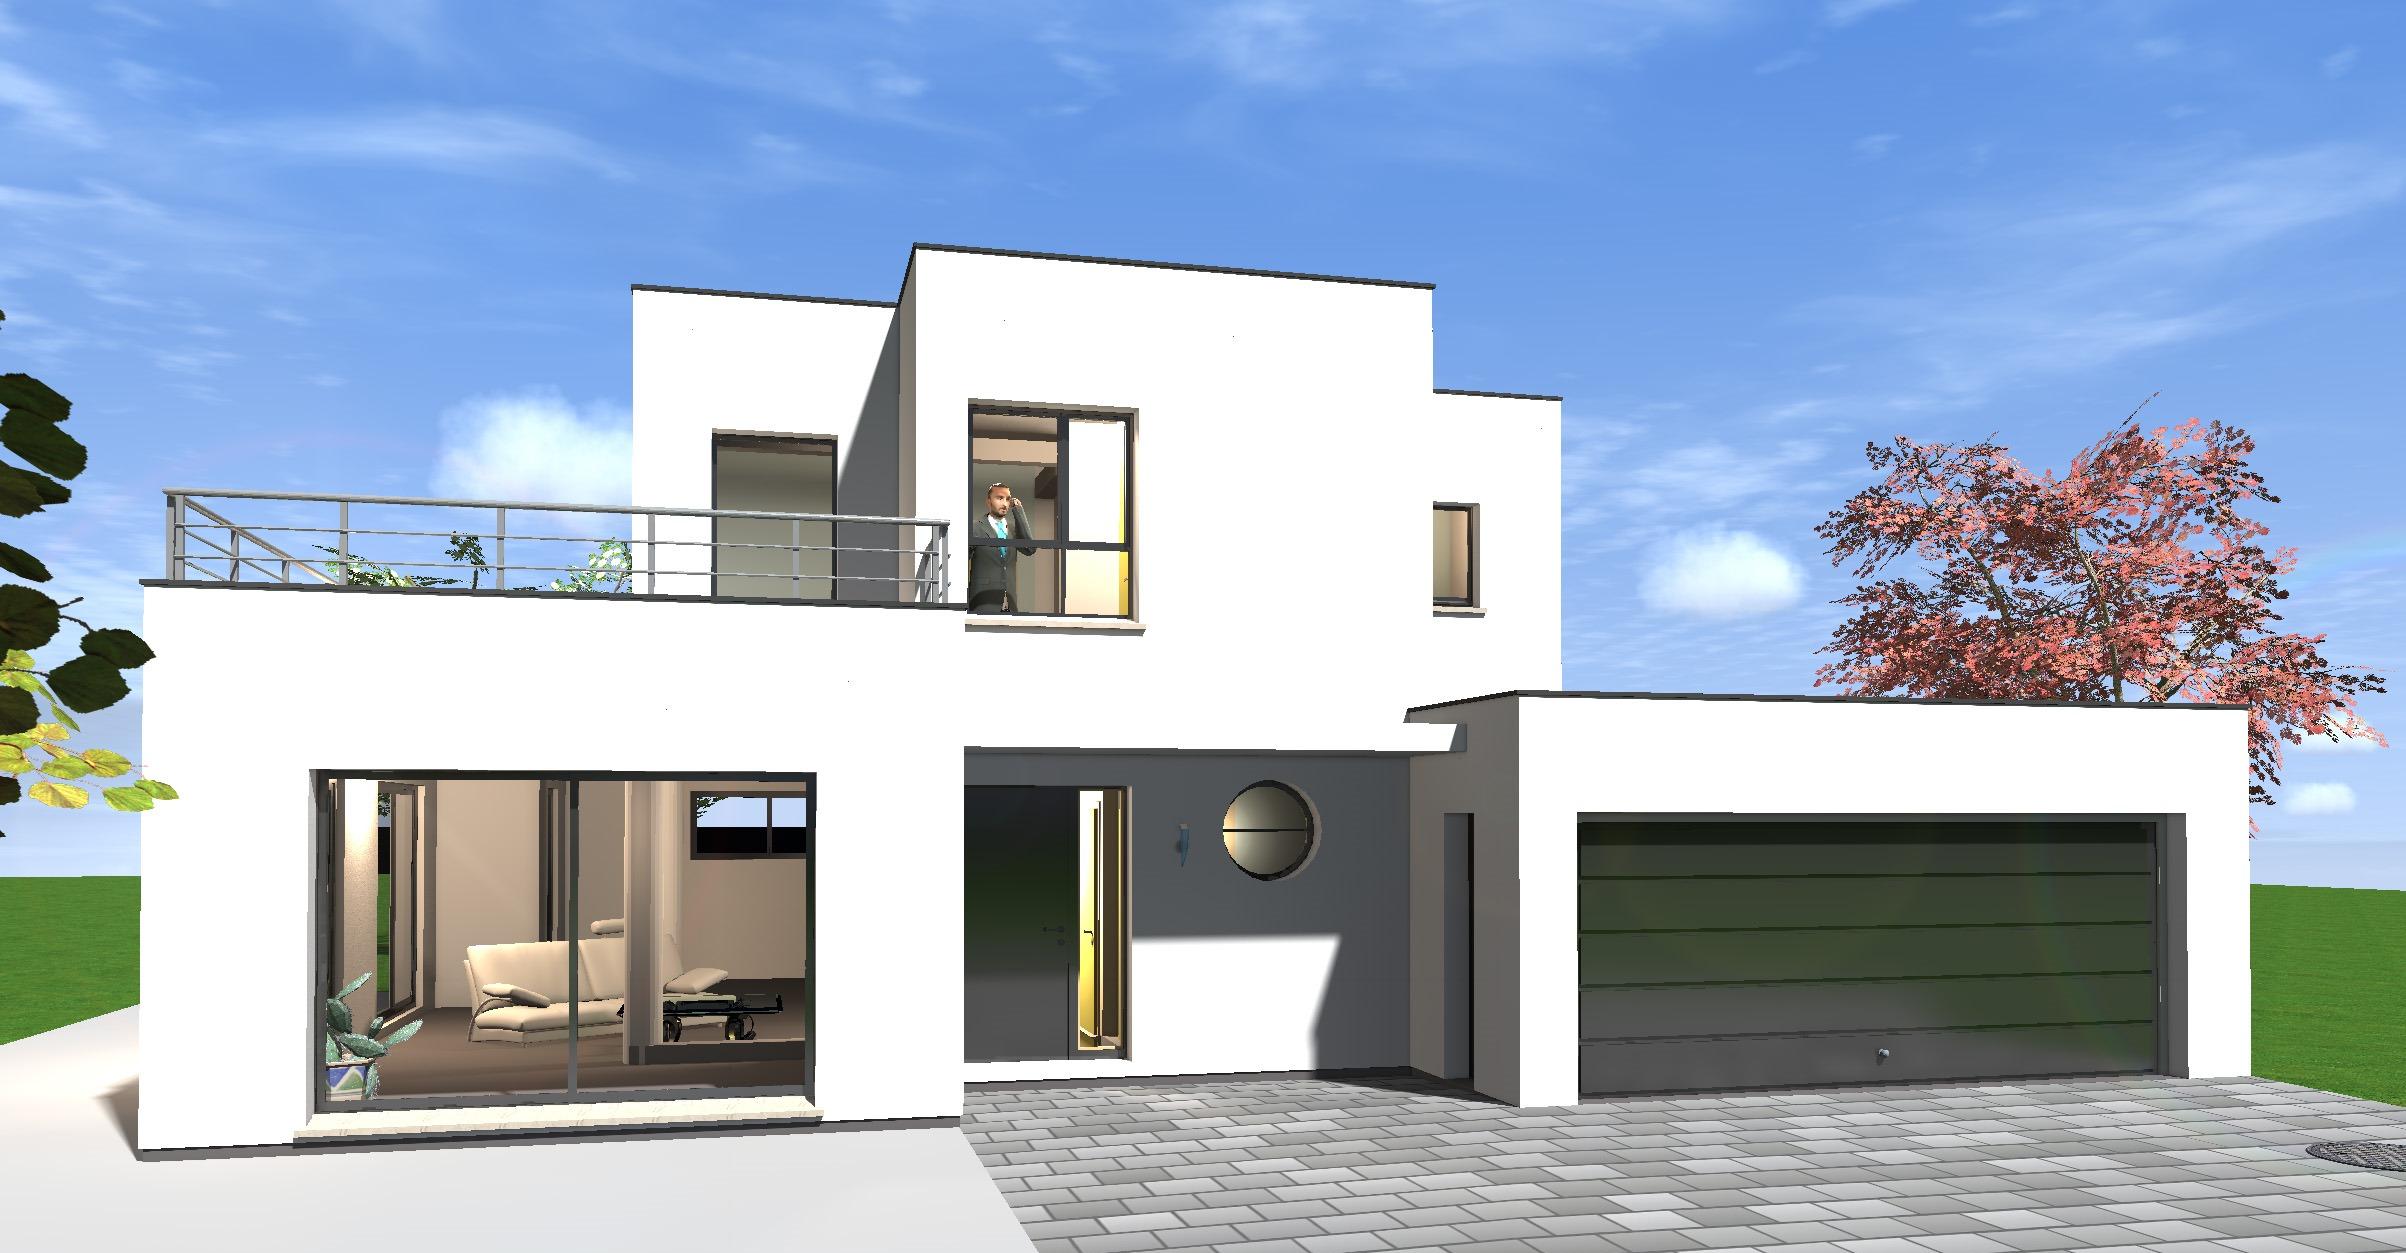 Construction Toit Plat Prix Construction Maison Contemporaine Toit Plat Idees Conception Jardin Idees Conception Jardin